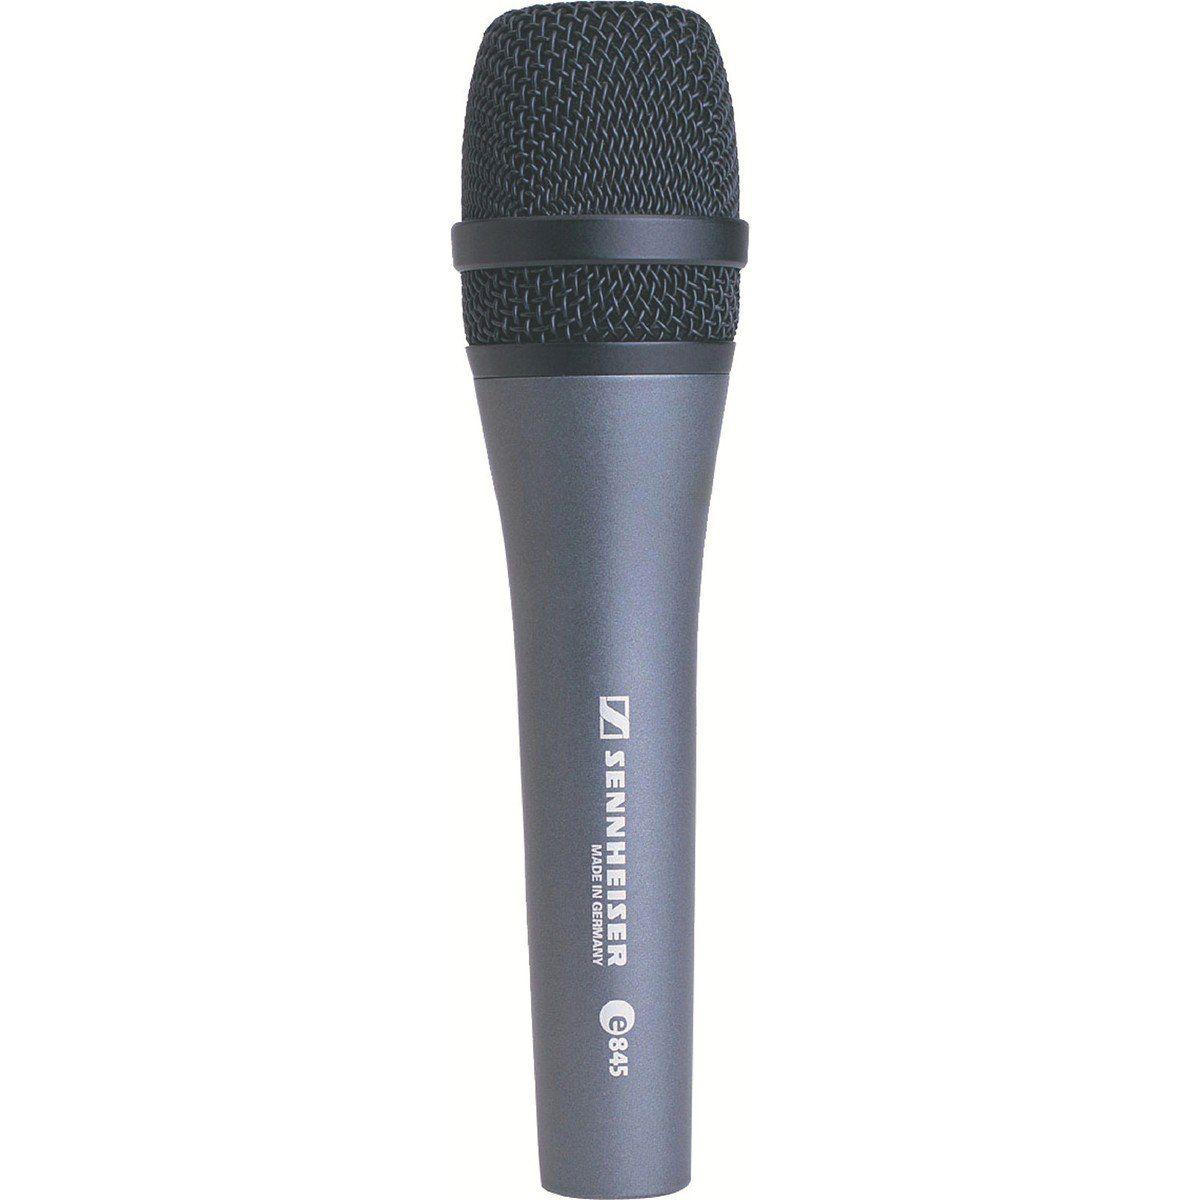 Sennheiser E845 Microfone Dinâmico Supercardióide Sennheiser E 845 para Vocais